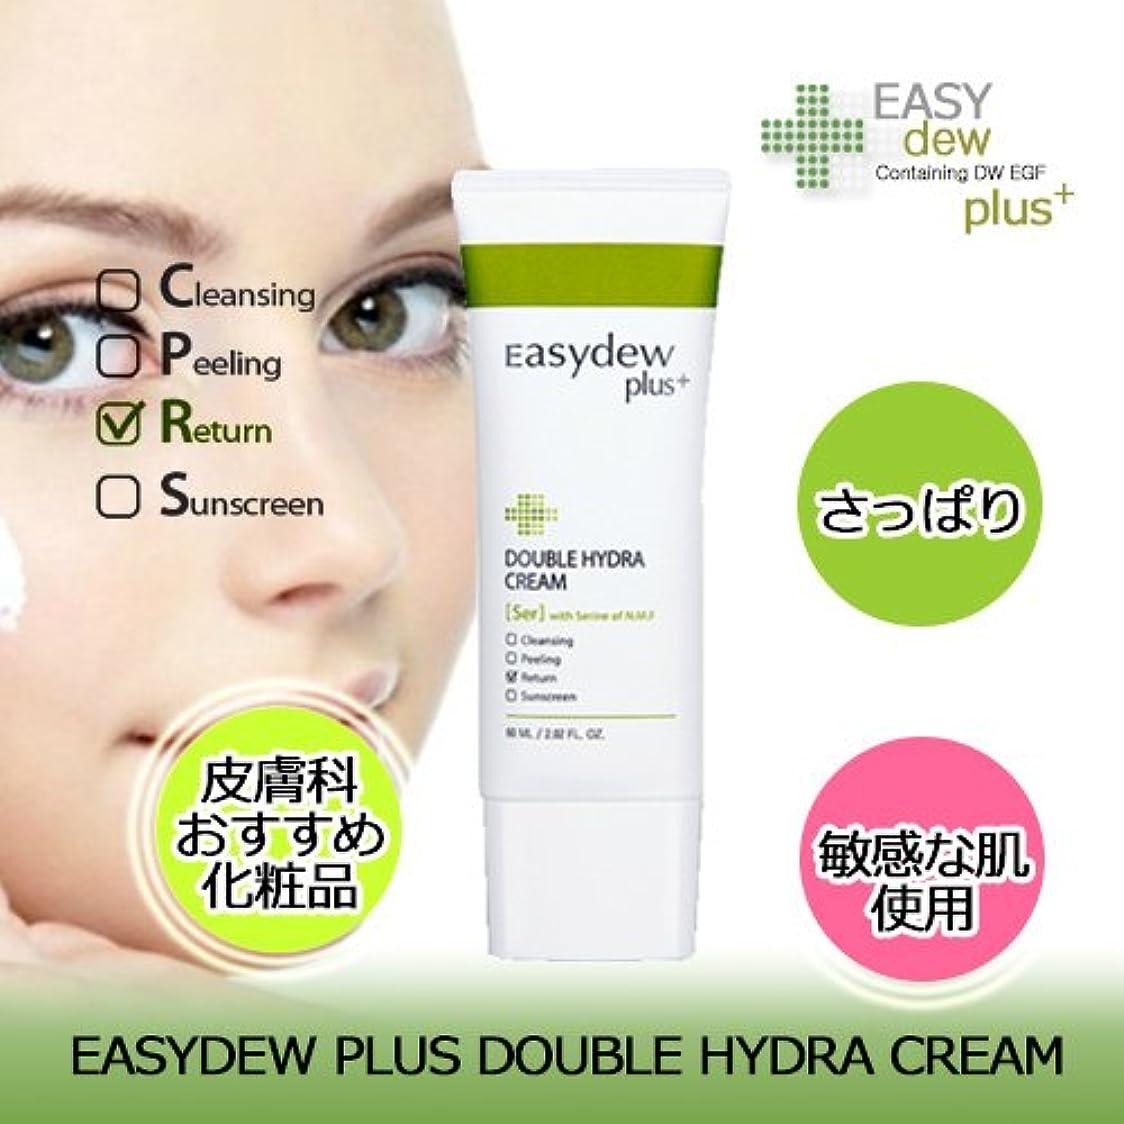 ダンプ消費者ビルEASYDEW plus【イージーデュープラスダブルハイドラクリーム 60ml】 easydew plus double hydra cream 60ml